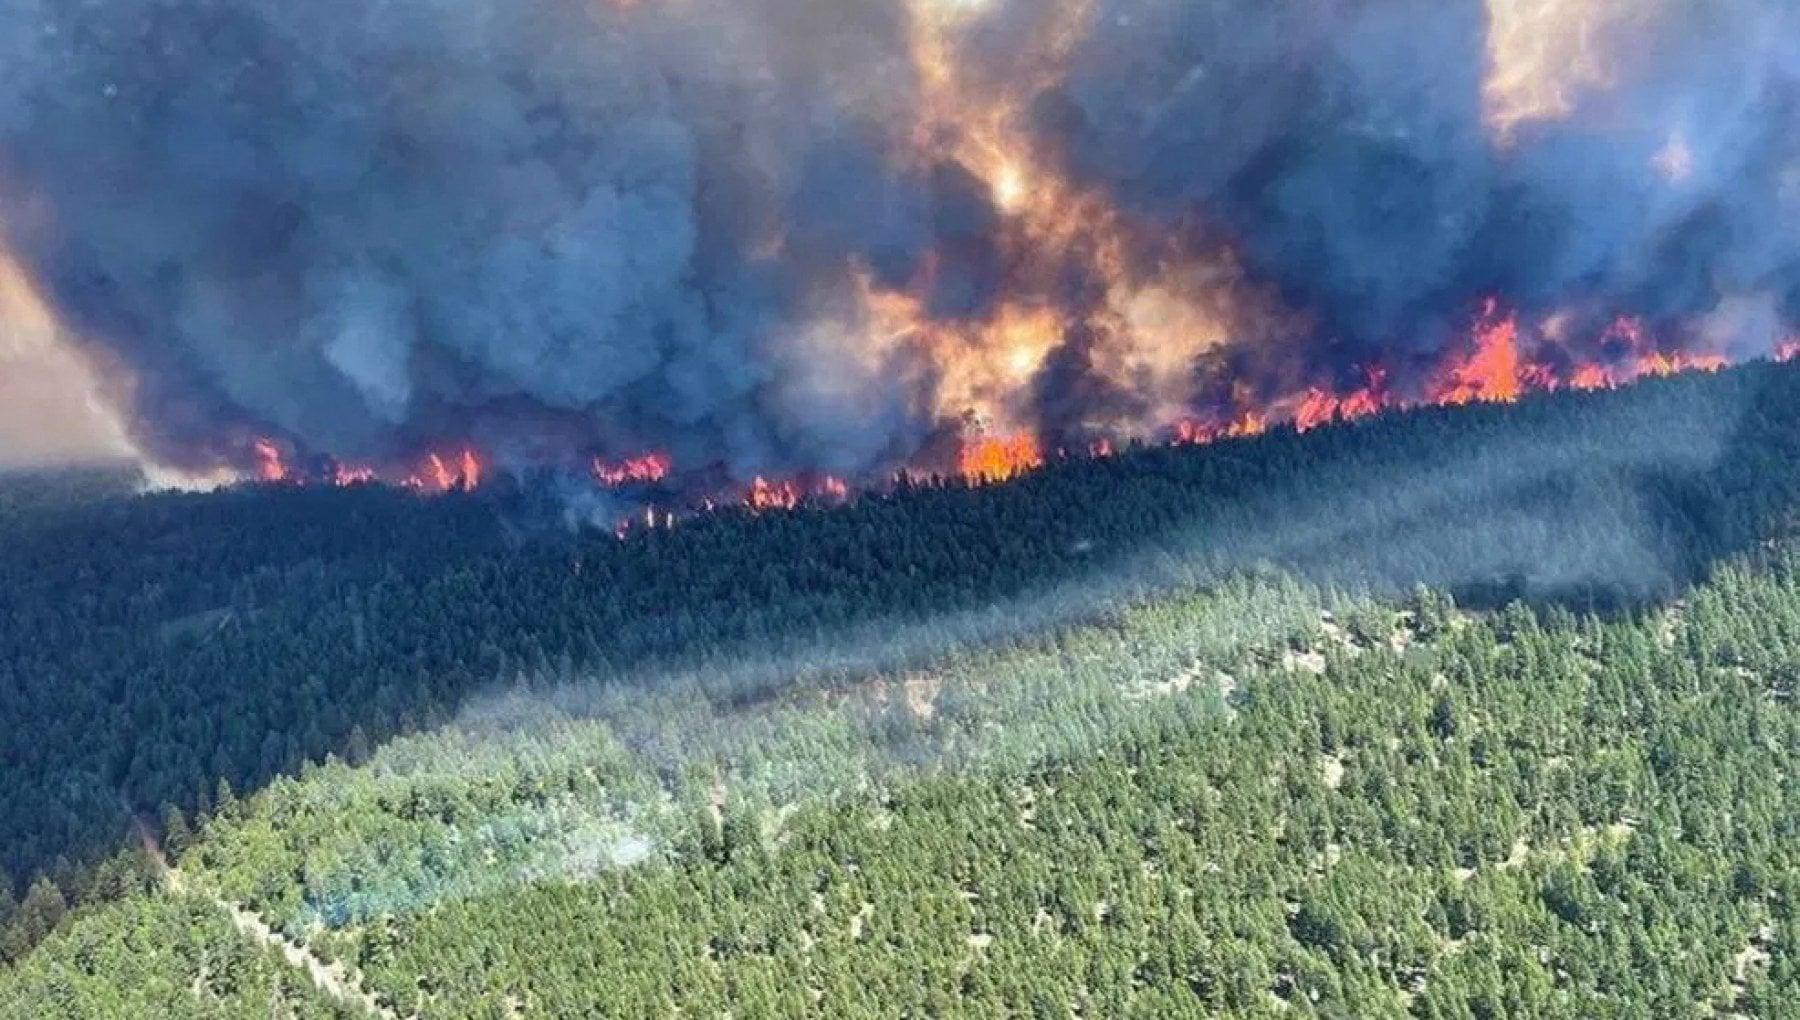 """122422633 cce6df8d fc3f 4ada a634 a31d7b097c68 - Canada, dopo il record di caldo Lytton in fiamme: """"L'intera città distrutta in 15 minuti"""""""